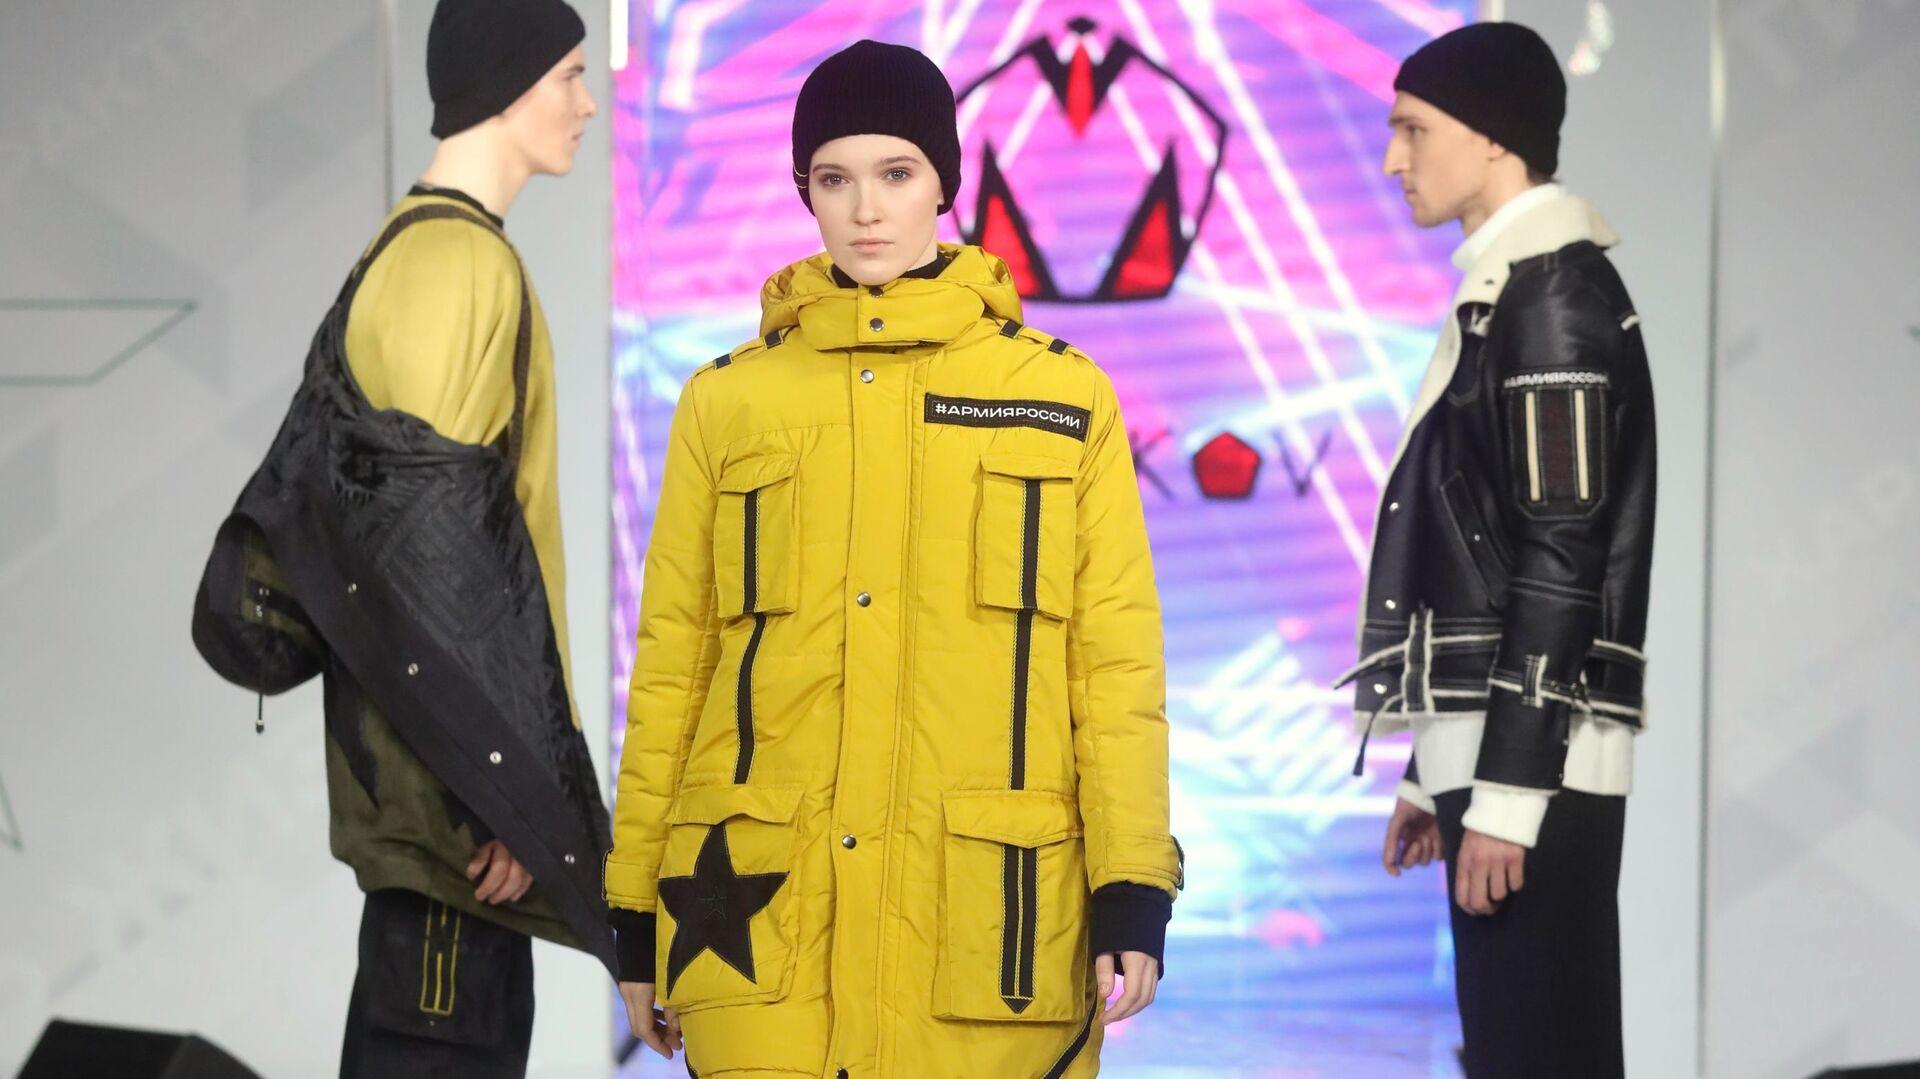 Модели демонстрируют одежду из коллекции Форма одежды номер 7 модельера Михаила Манакова - РИА Новости, 1920, 04.02.2021